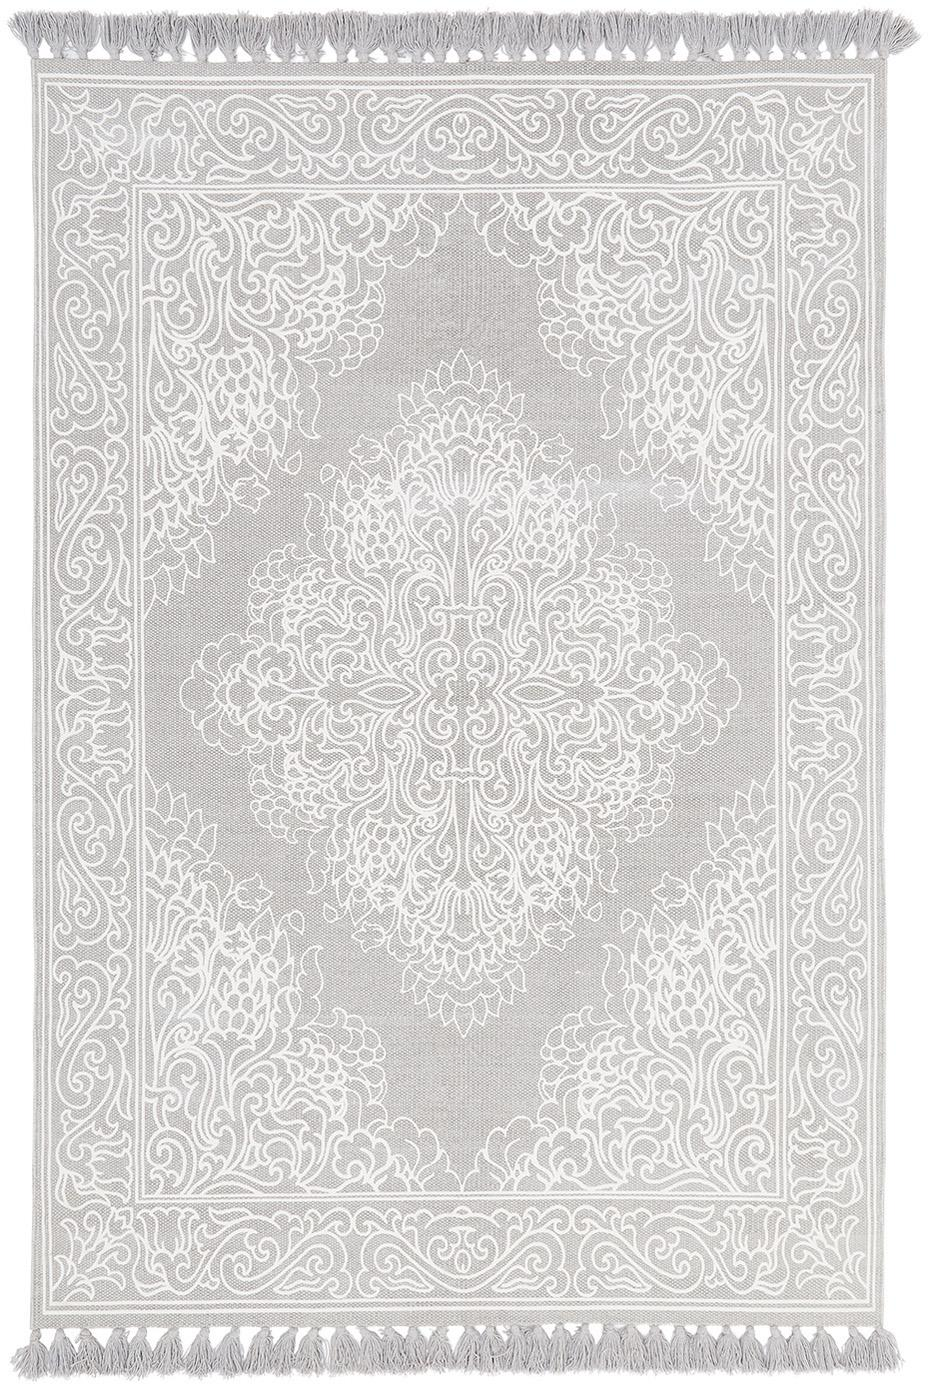 Gemusterter Baumwollteppich Salima mit Quasten, handgewebt, 100% Baumwolle, Hellgrau, Cremeweiss, B 50 x L 80 cm (Grösse XXS)